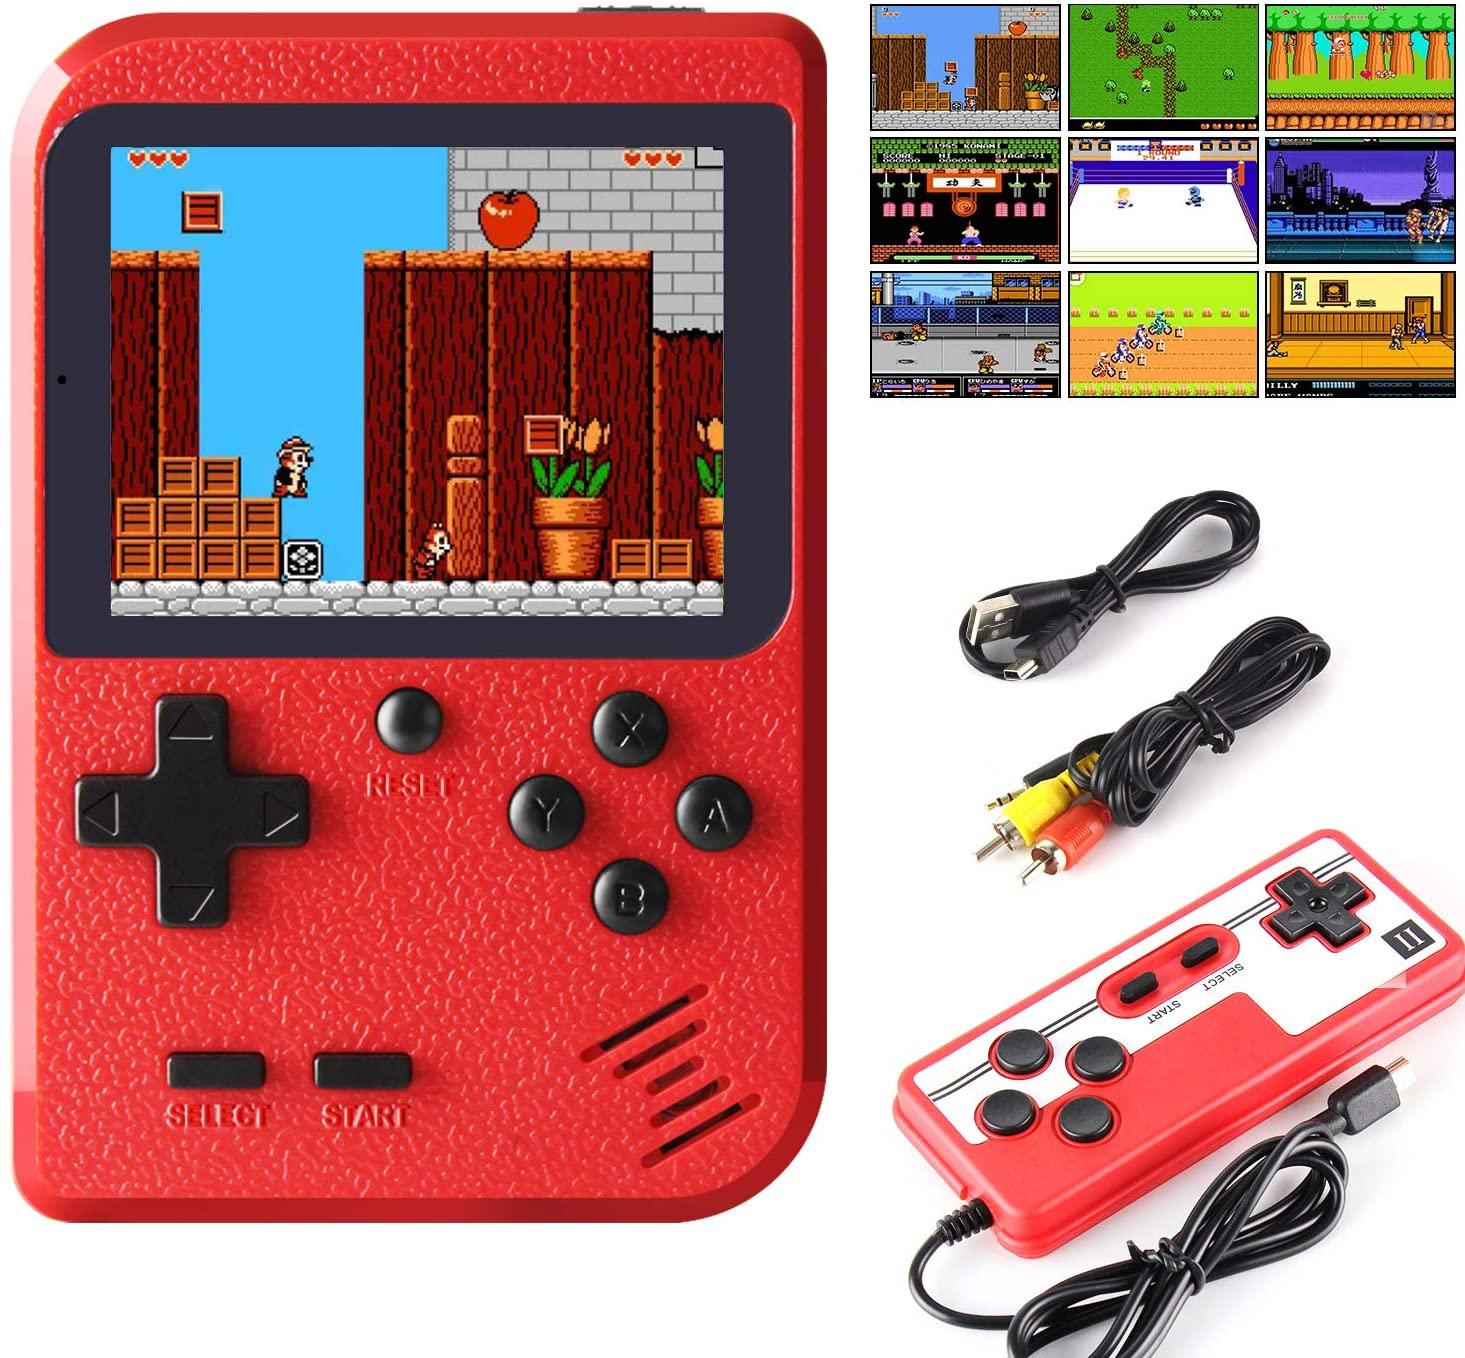 Портативные игровые консоли 400 в 1, ретро видео игровая консоль, 8-битный игровой плеер, портативные игровые плееры, геймпады для детей, подар...